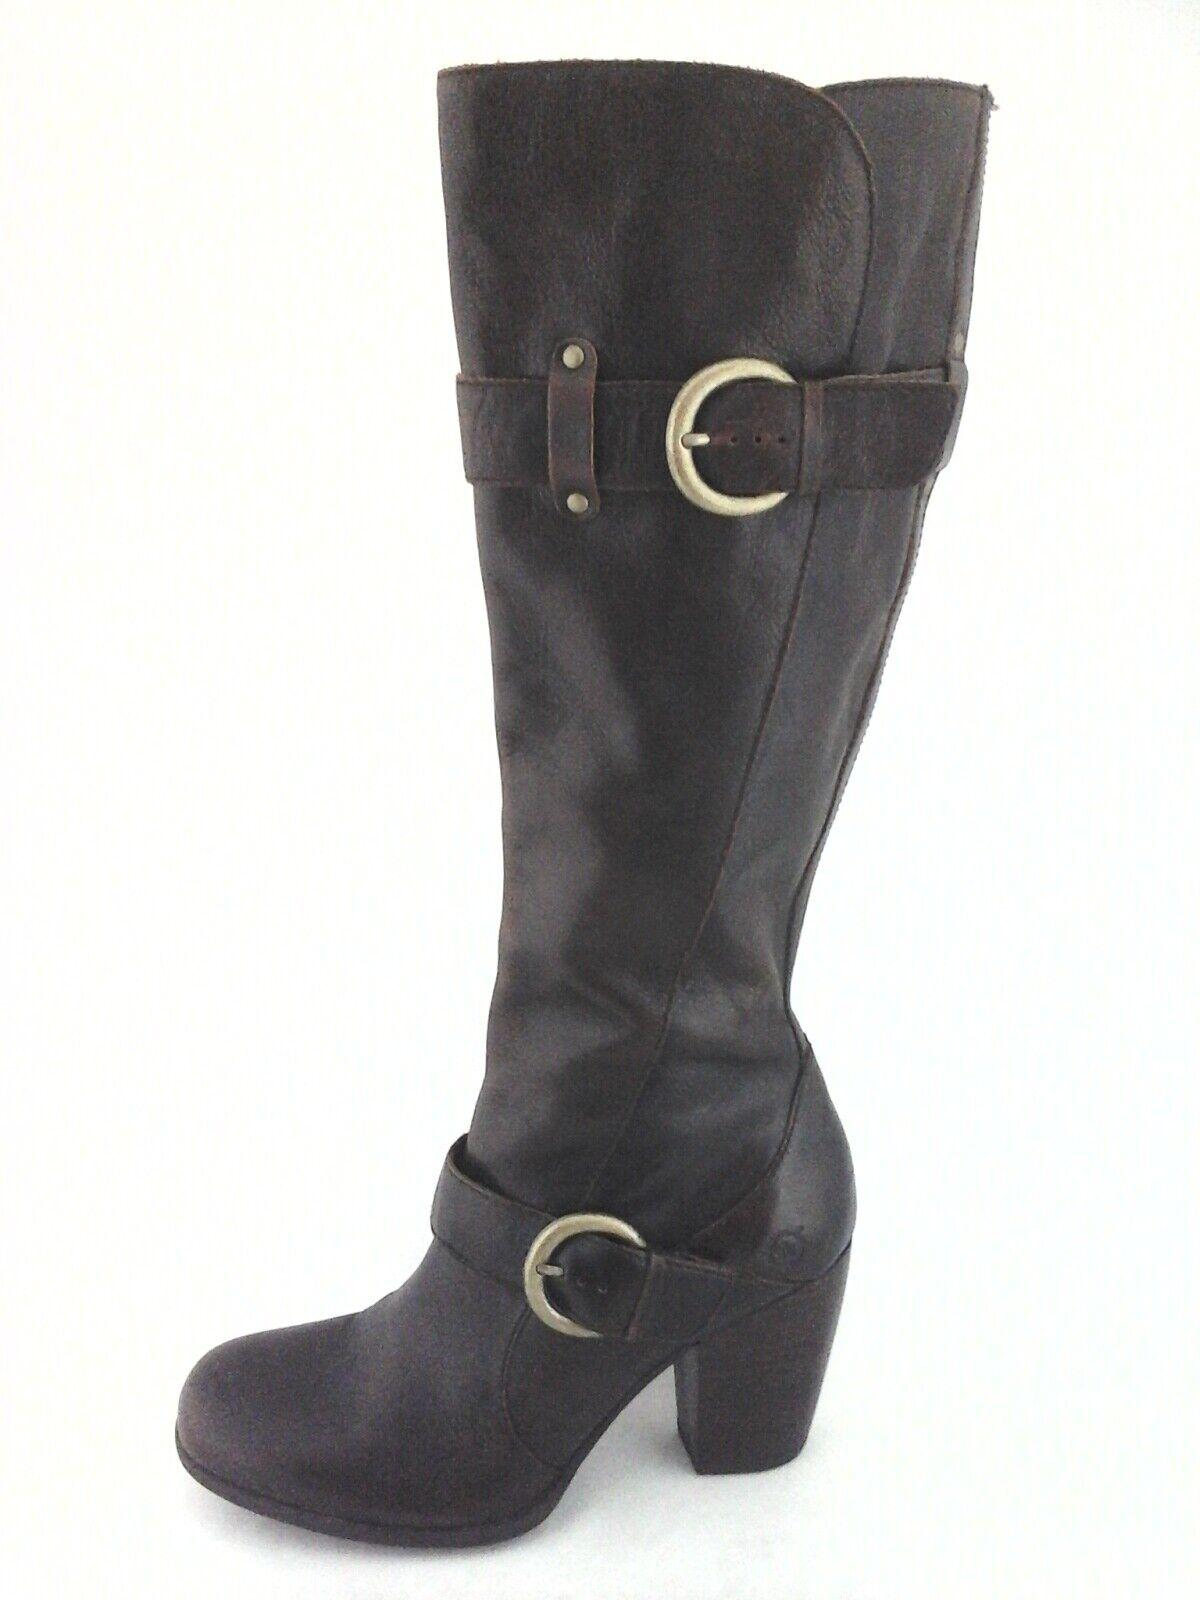 Nacido botas Altas Cuero Marrón Oscuro Rimes grueso talón para Mujer US 6